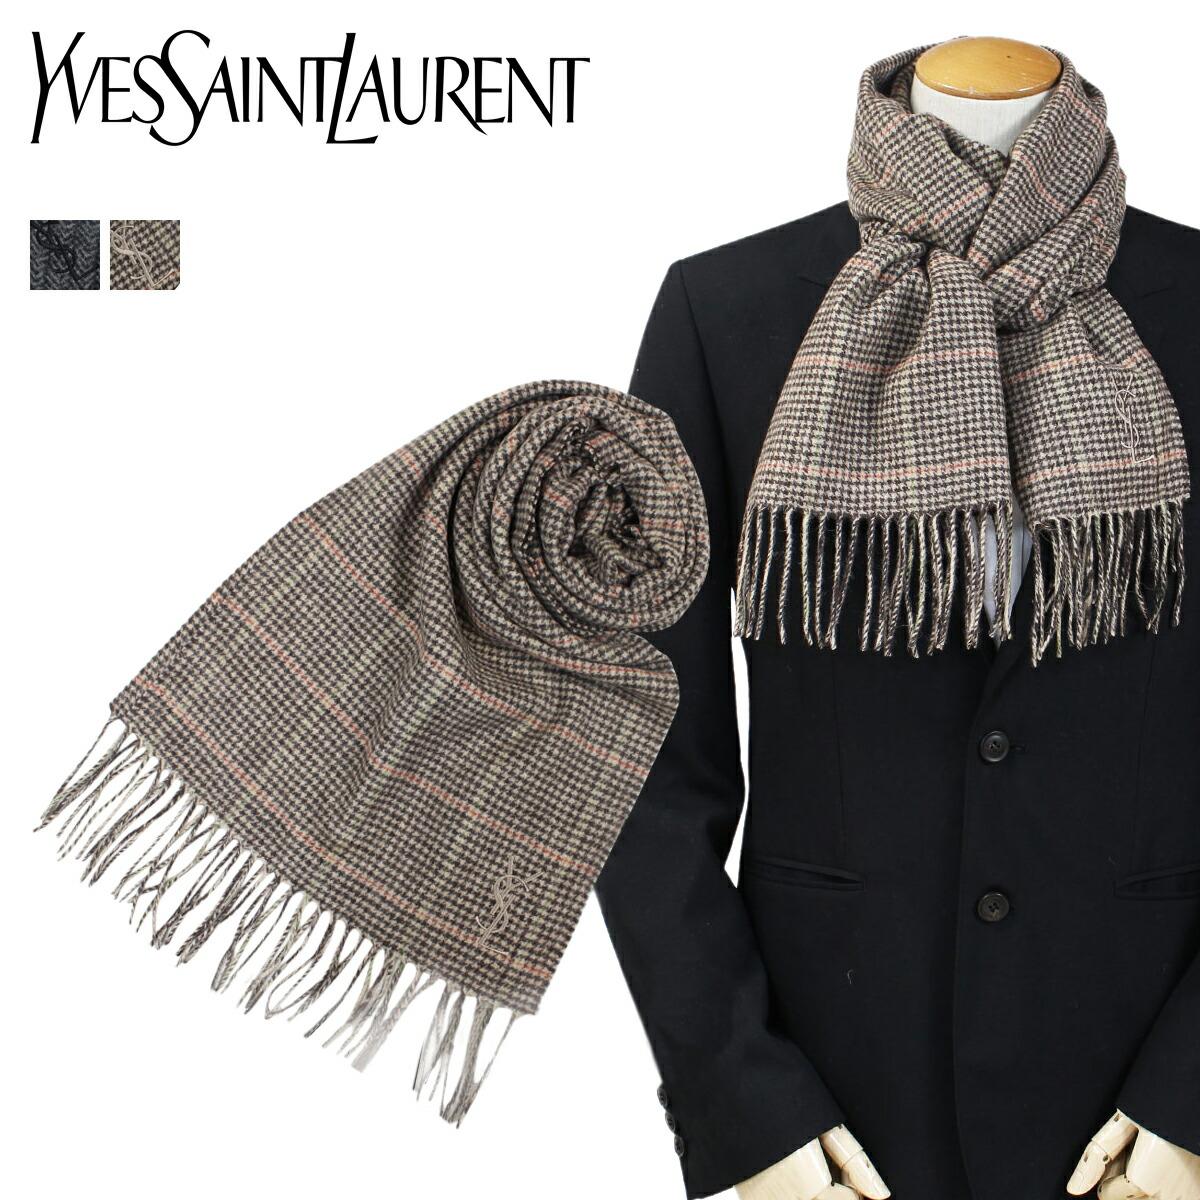 cf75243e8dfc ディオールのデザイナーとして、ファッション業界に多大な影響をもたらしたイヴ・サンローランが自らの名前をブランド名としてスタートさせたのがYves  Saint Laurent。